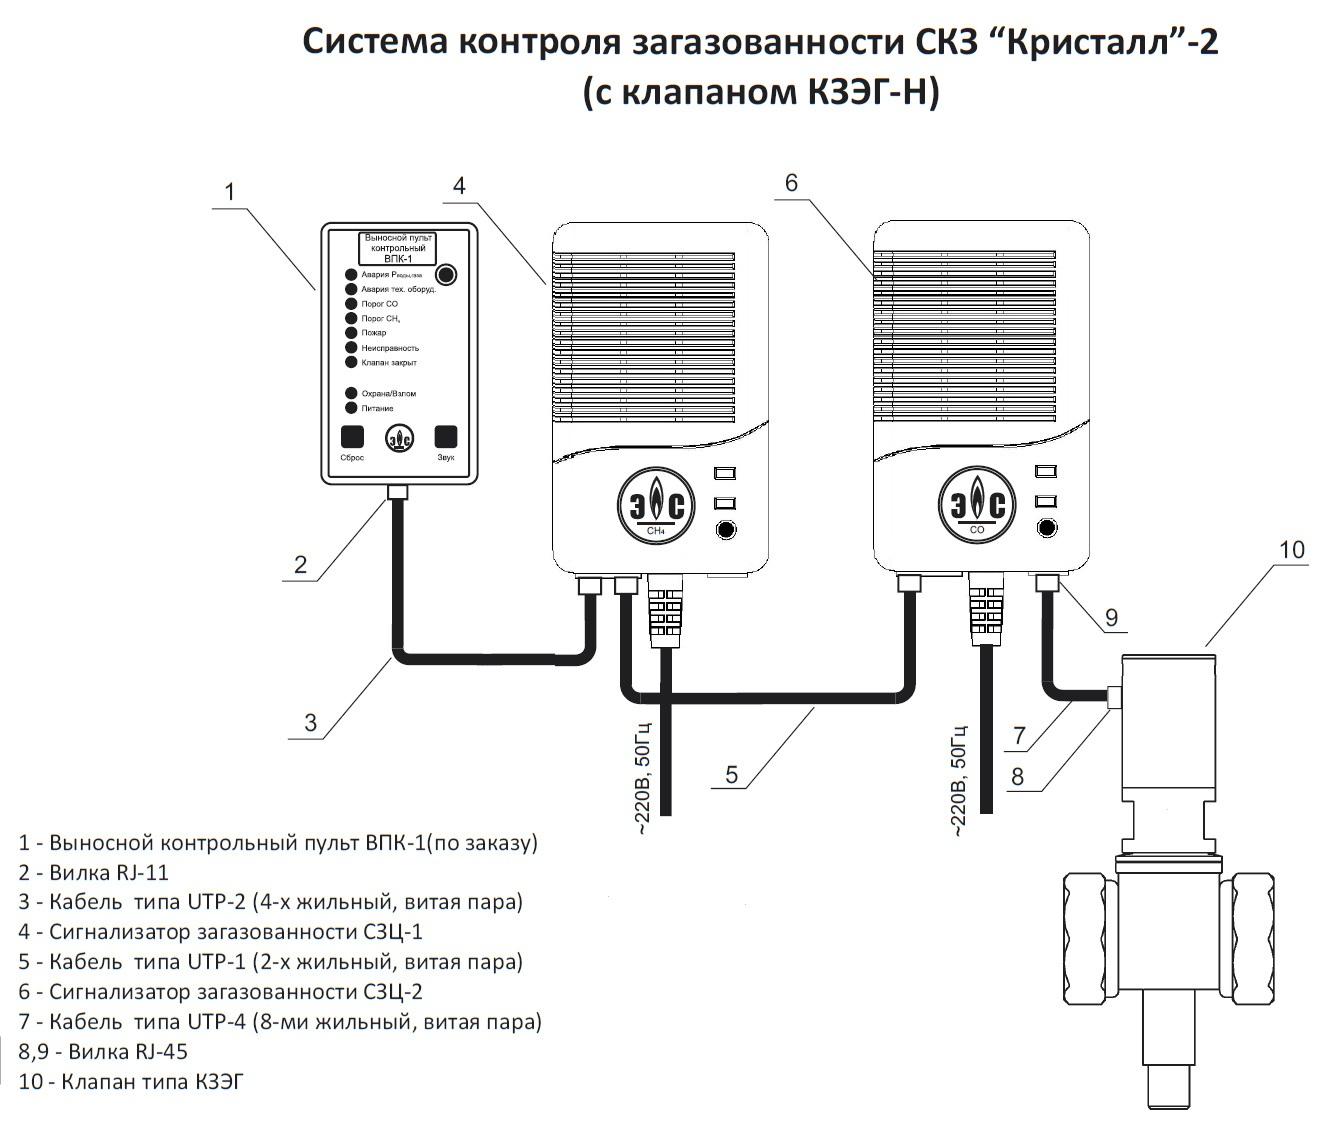 Где и как устанавливать датчик угарного газа (co)